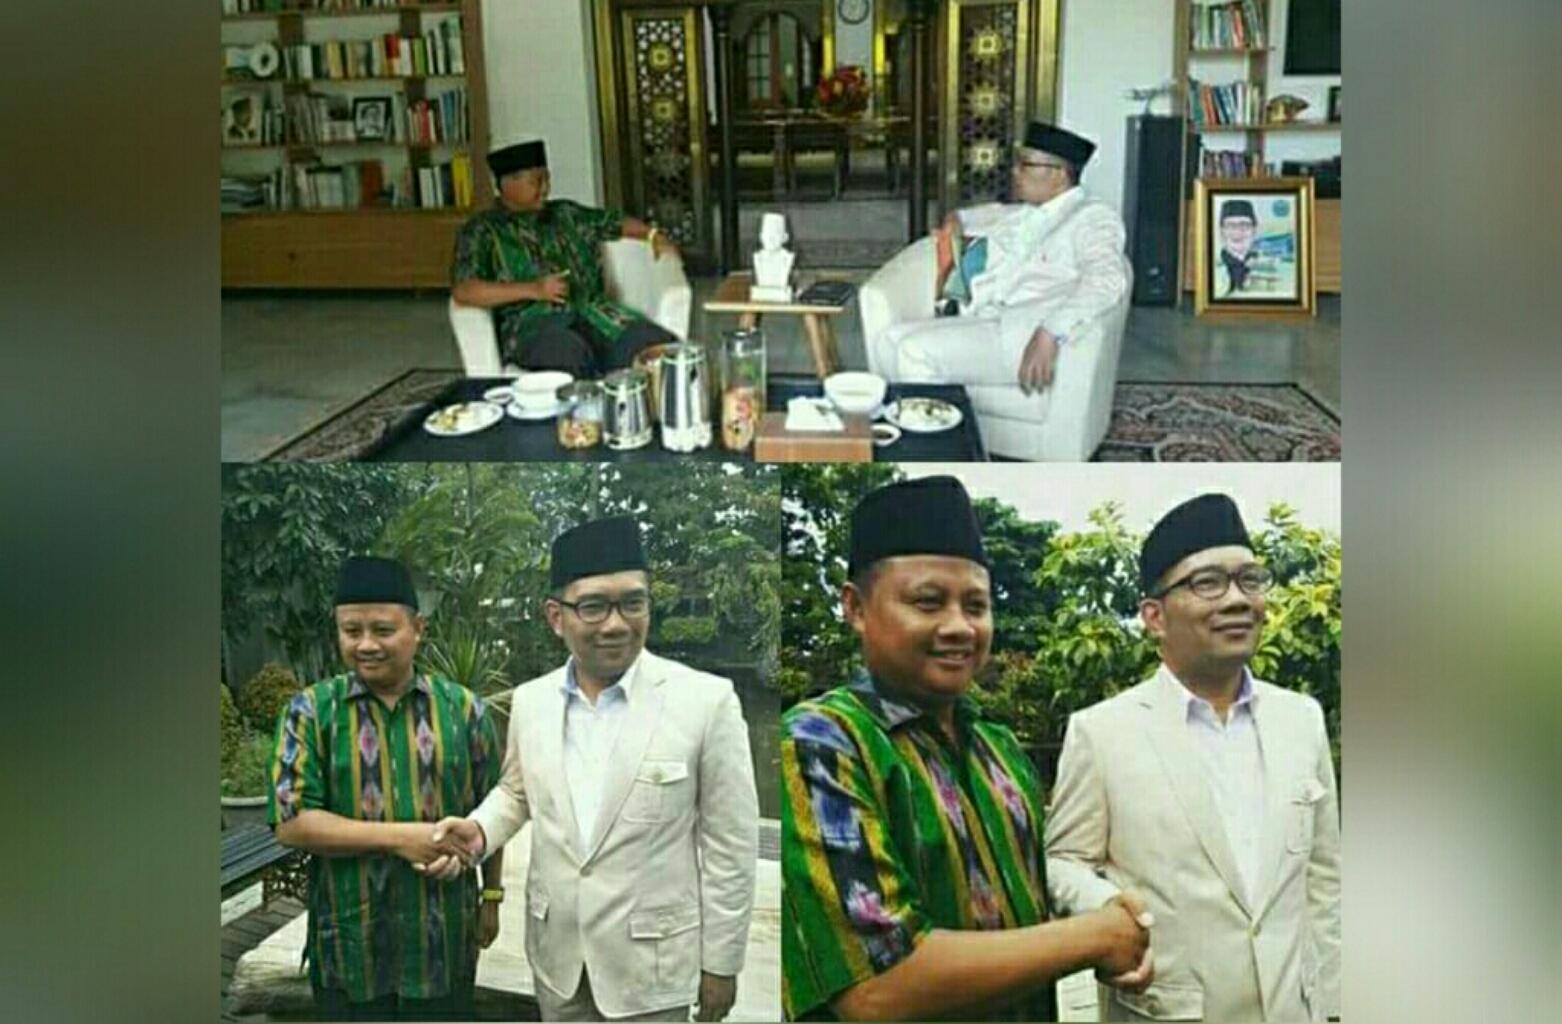 Bupati Tasik Siap Mendampingi Ridwan Kamil Di Pilgub Jabar 2018